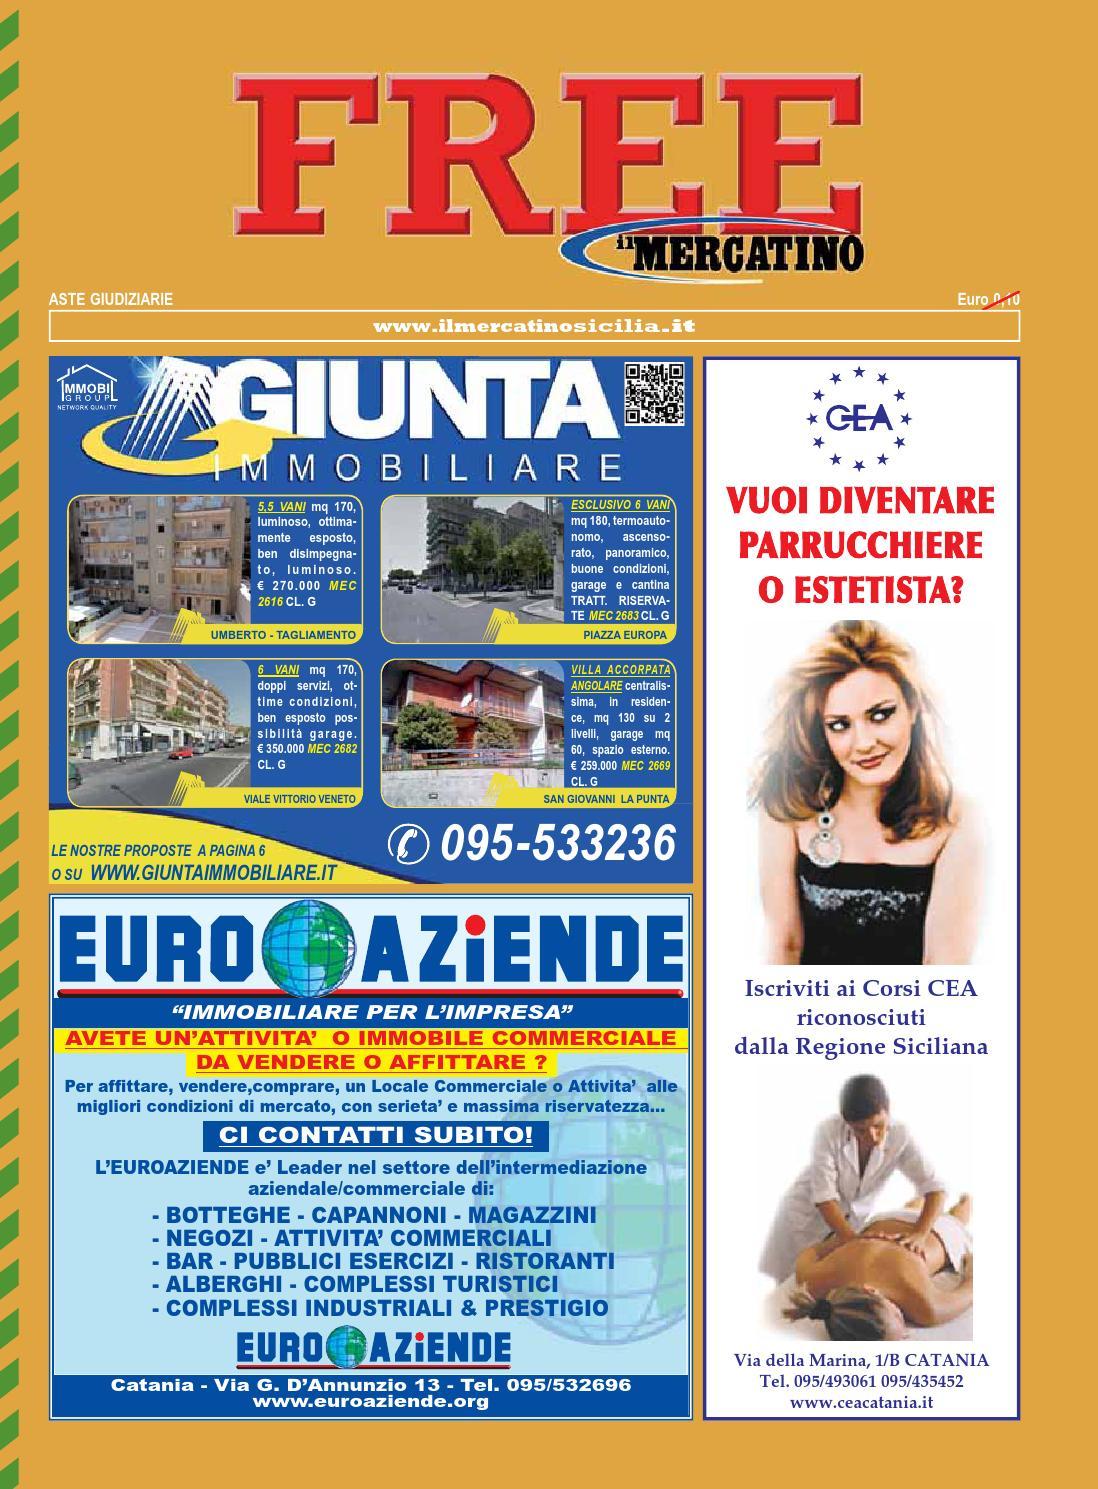 Escort forum trieste annunci escort catania